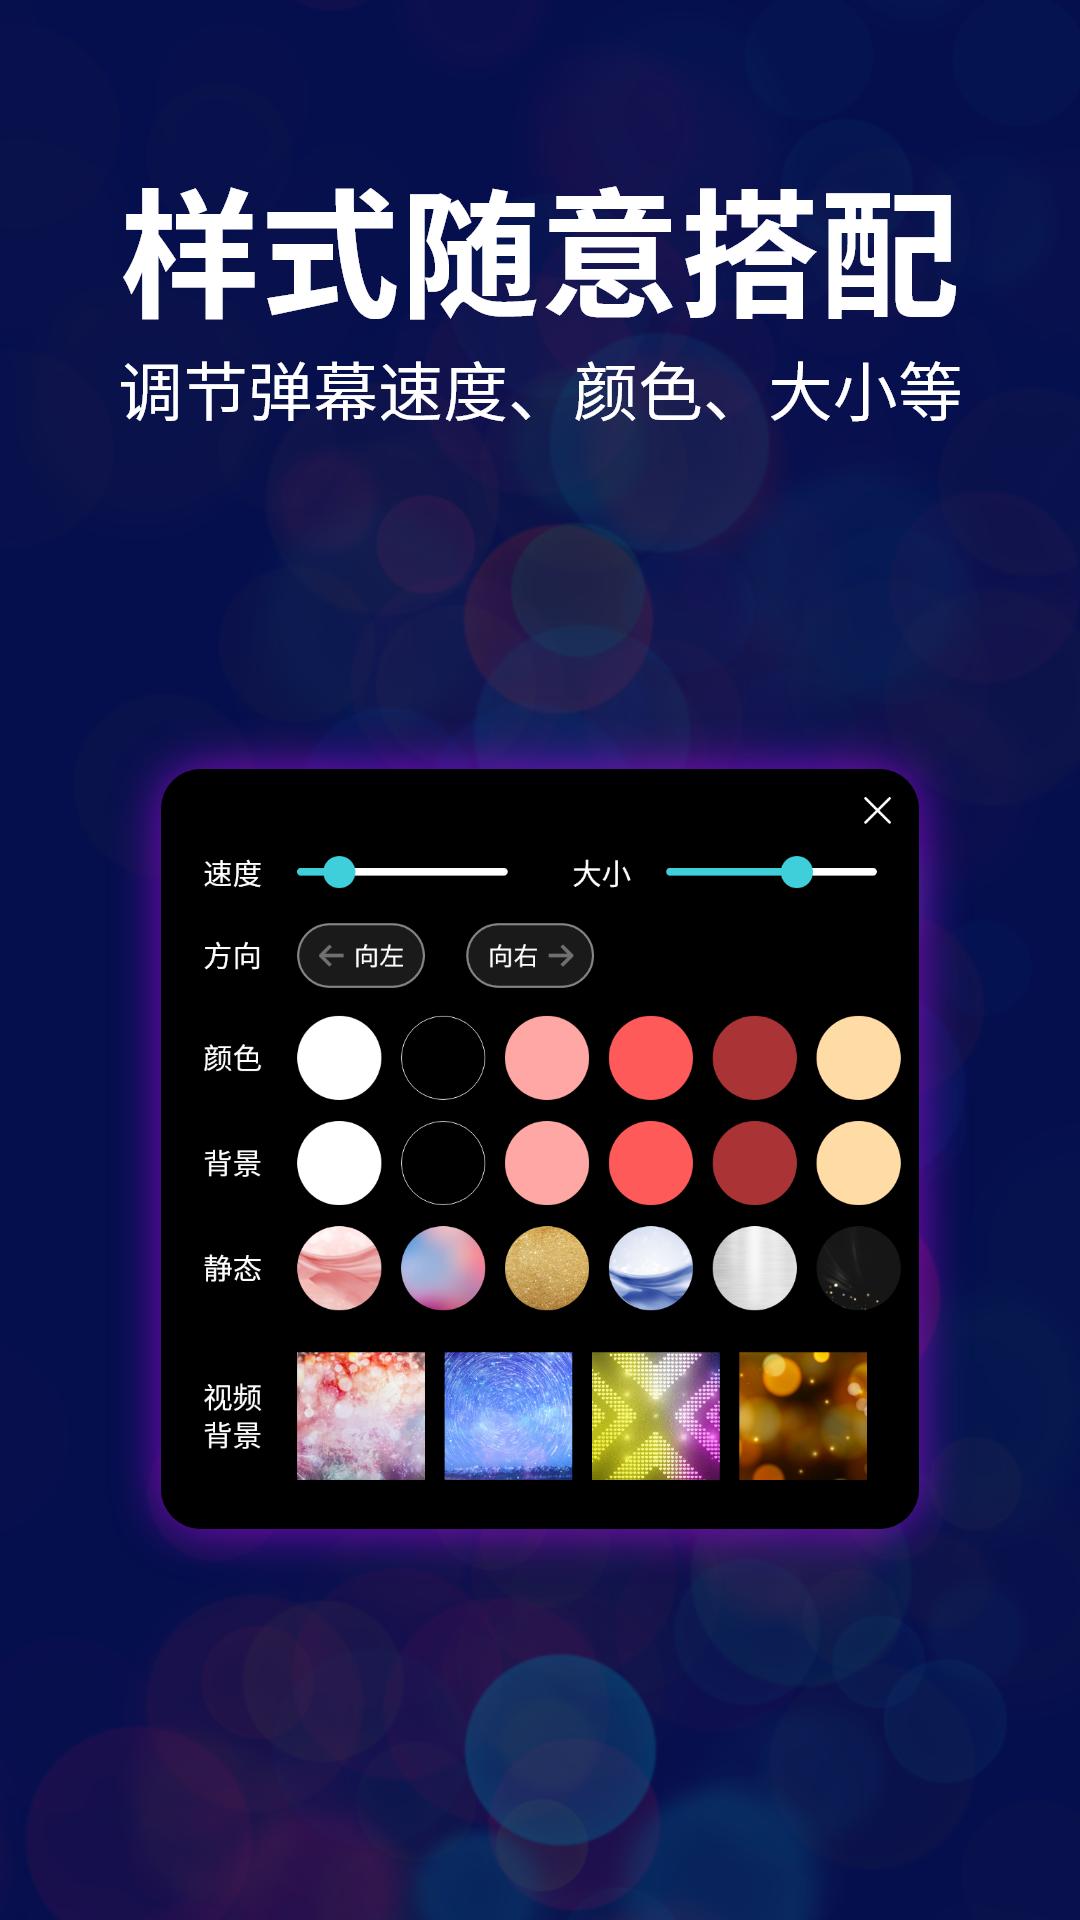 LED跑马灯弹幕app截图1